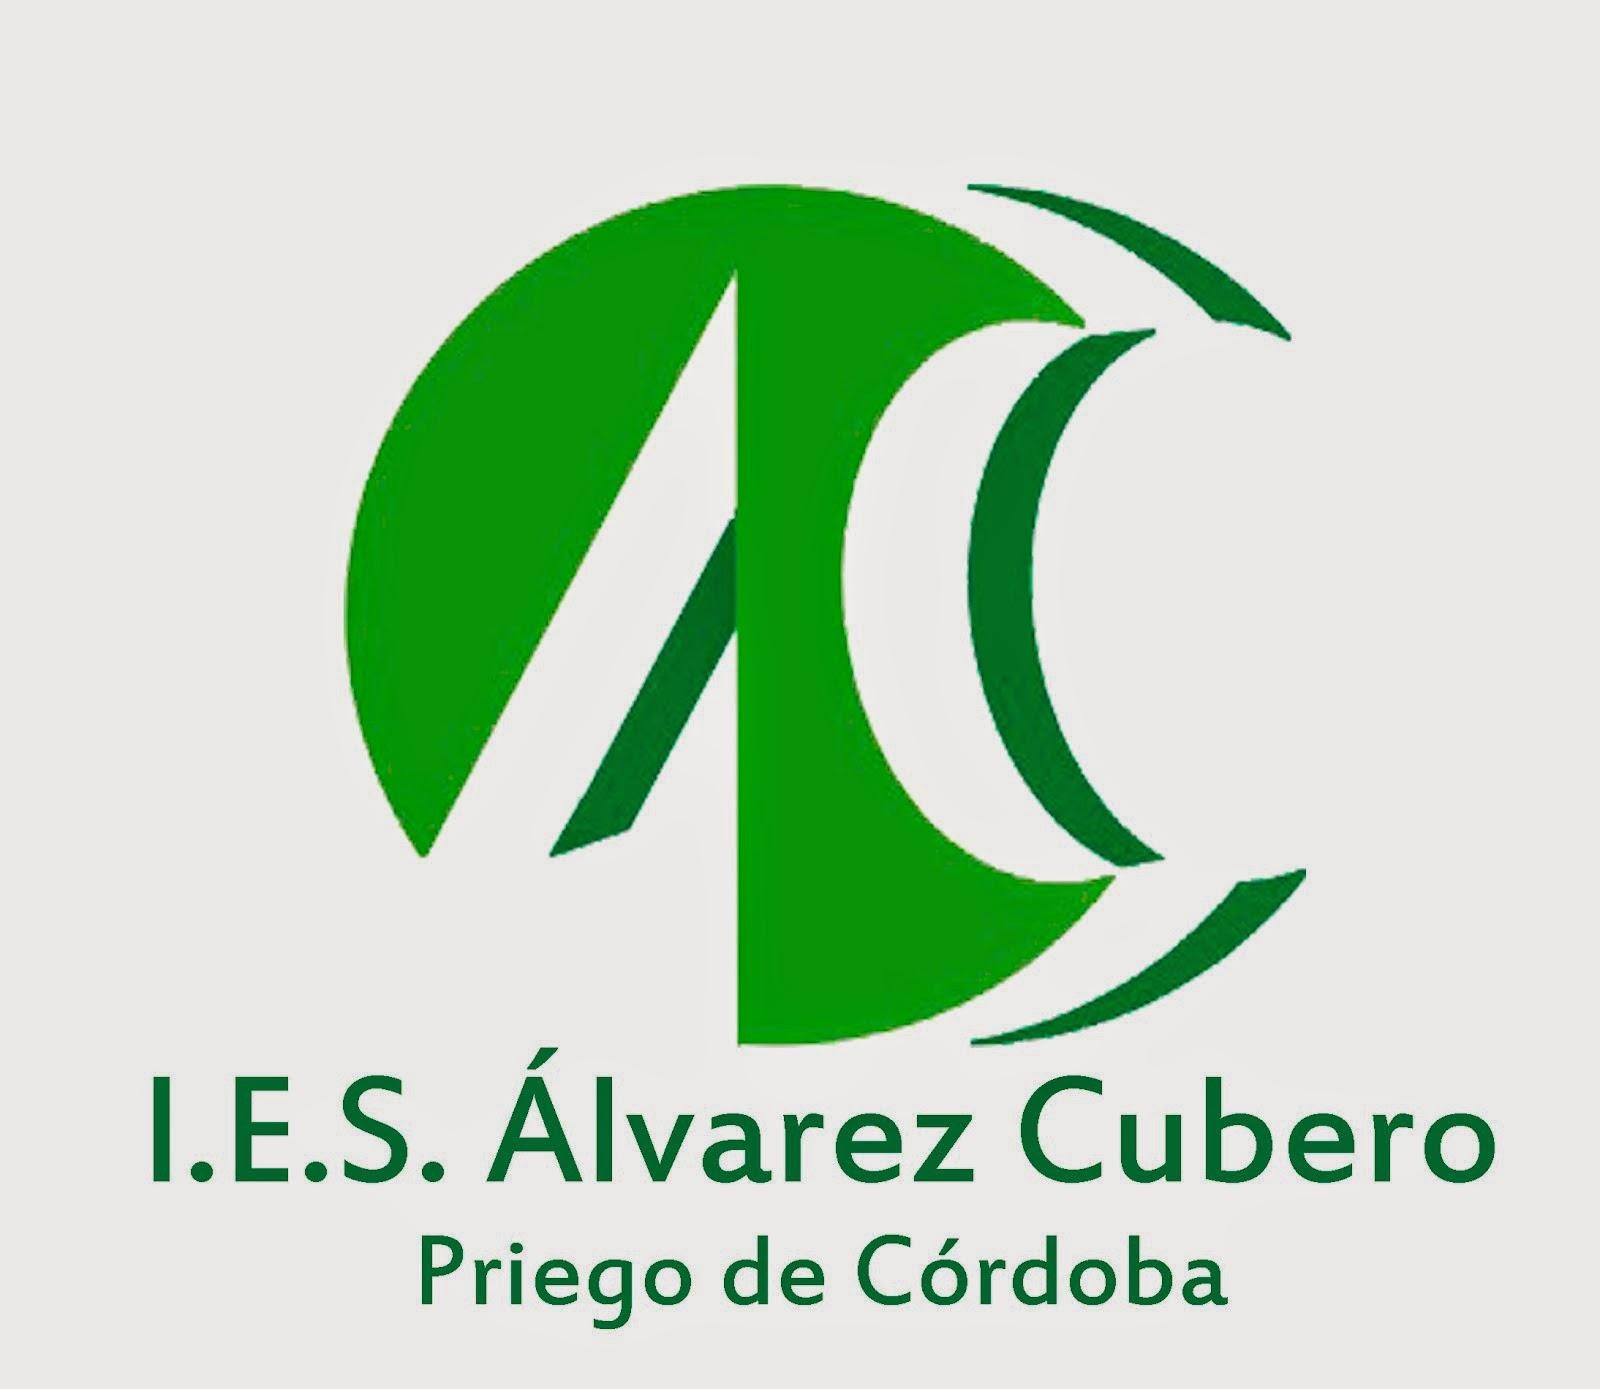 I.E.S.Álvarez Cubero